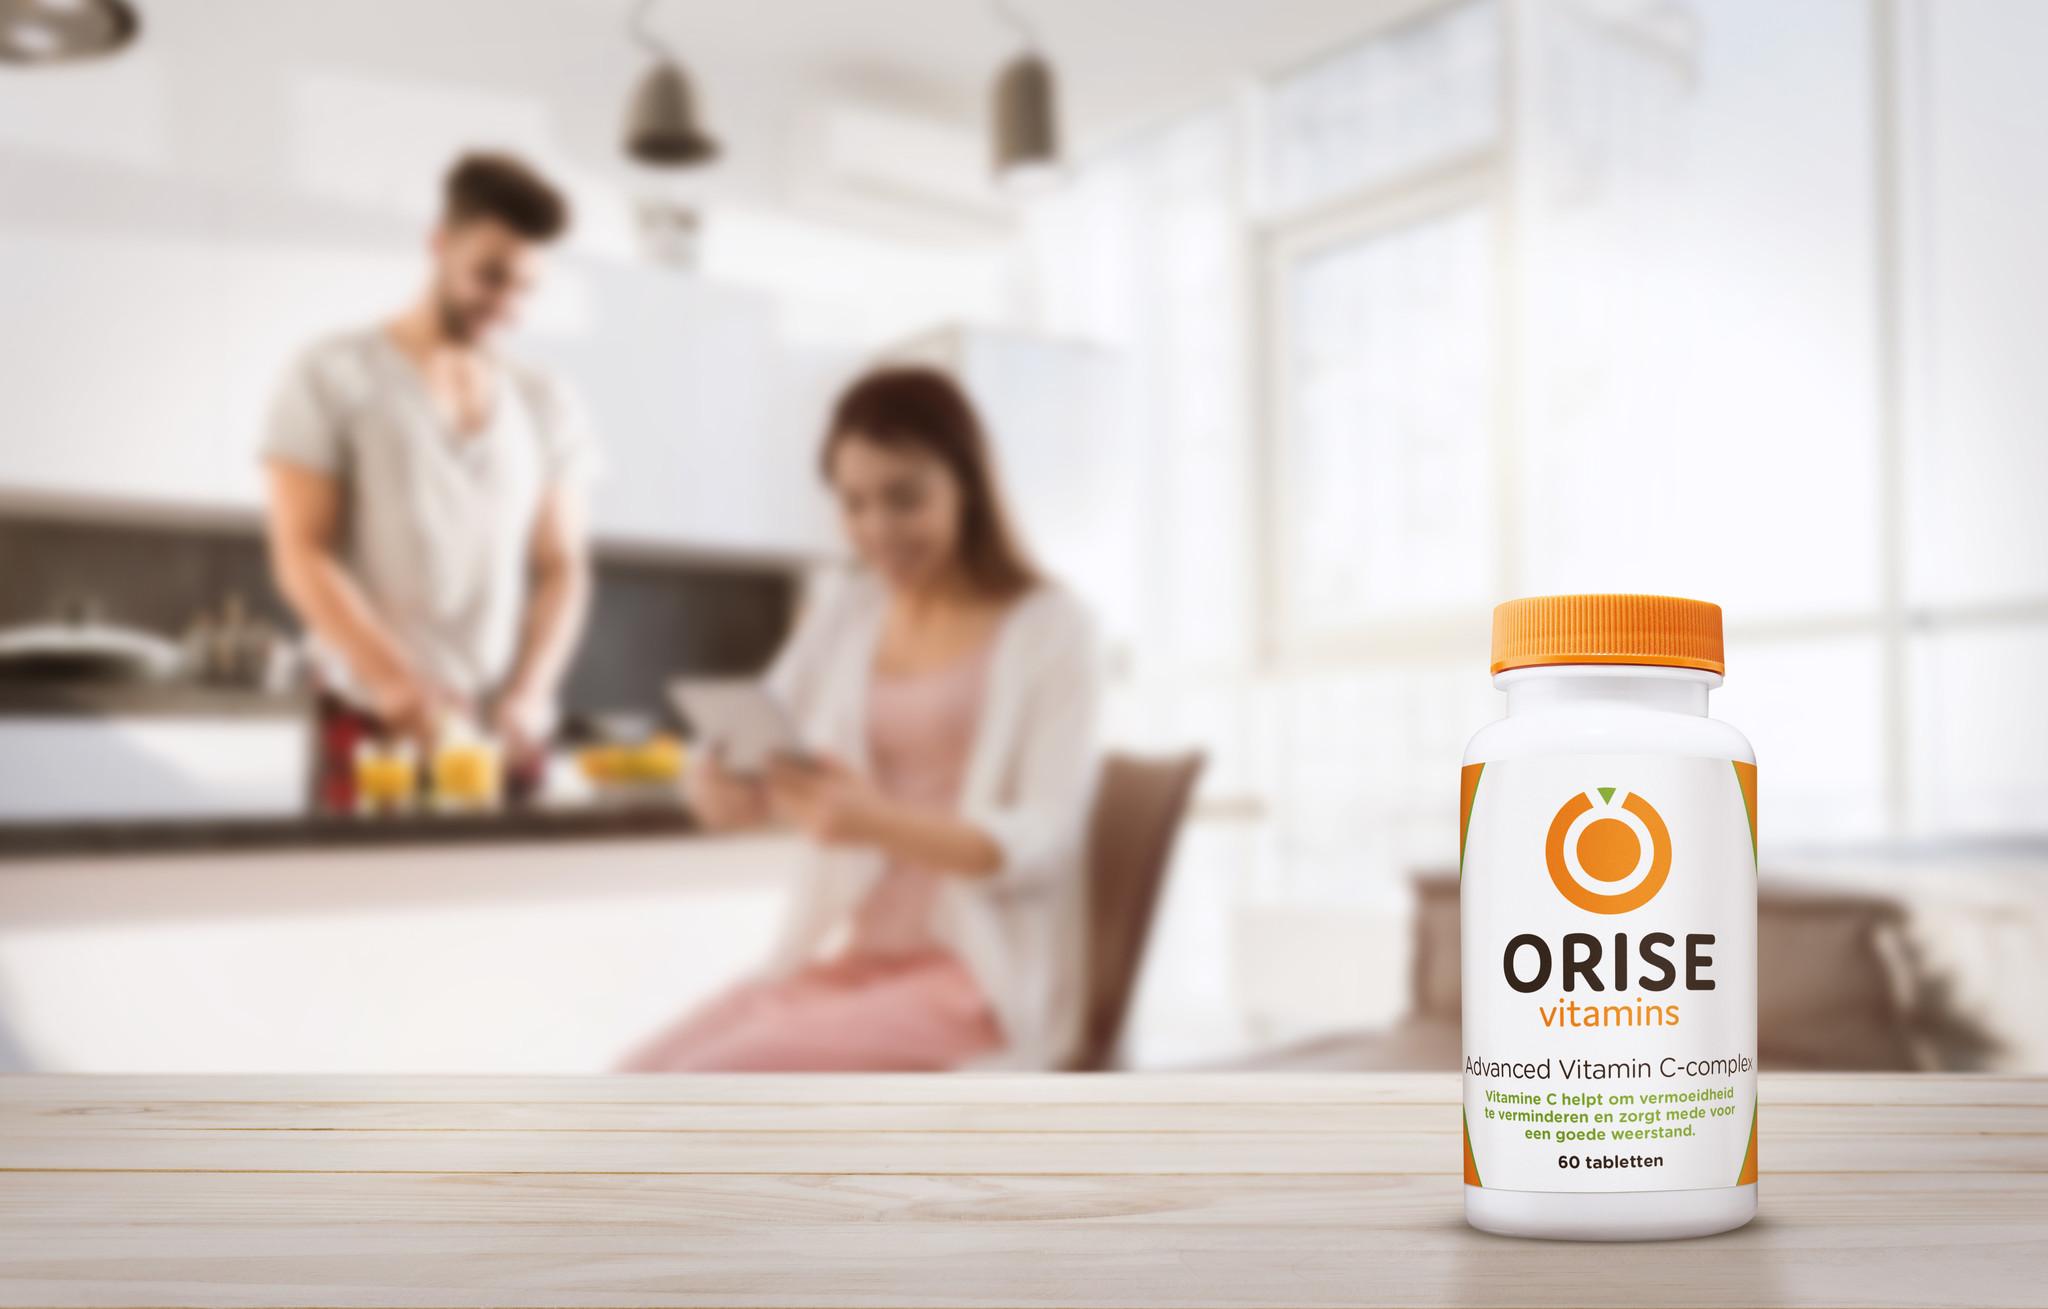 Advanced Vitamin C-complex: ontwikkeld voor olympisch kampioenen, nu voor iedereen beschikbaar